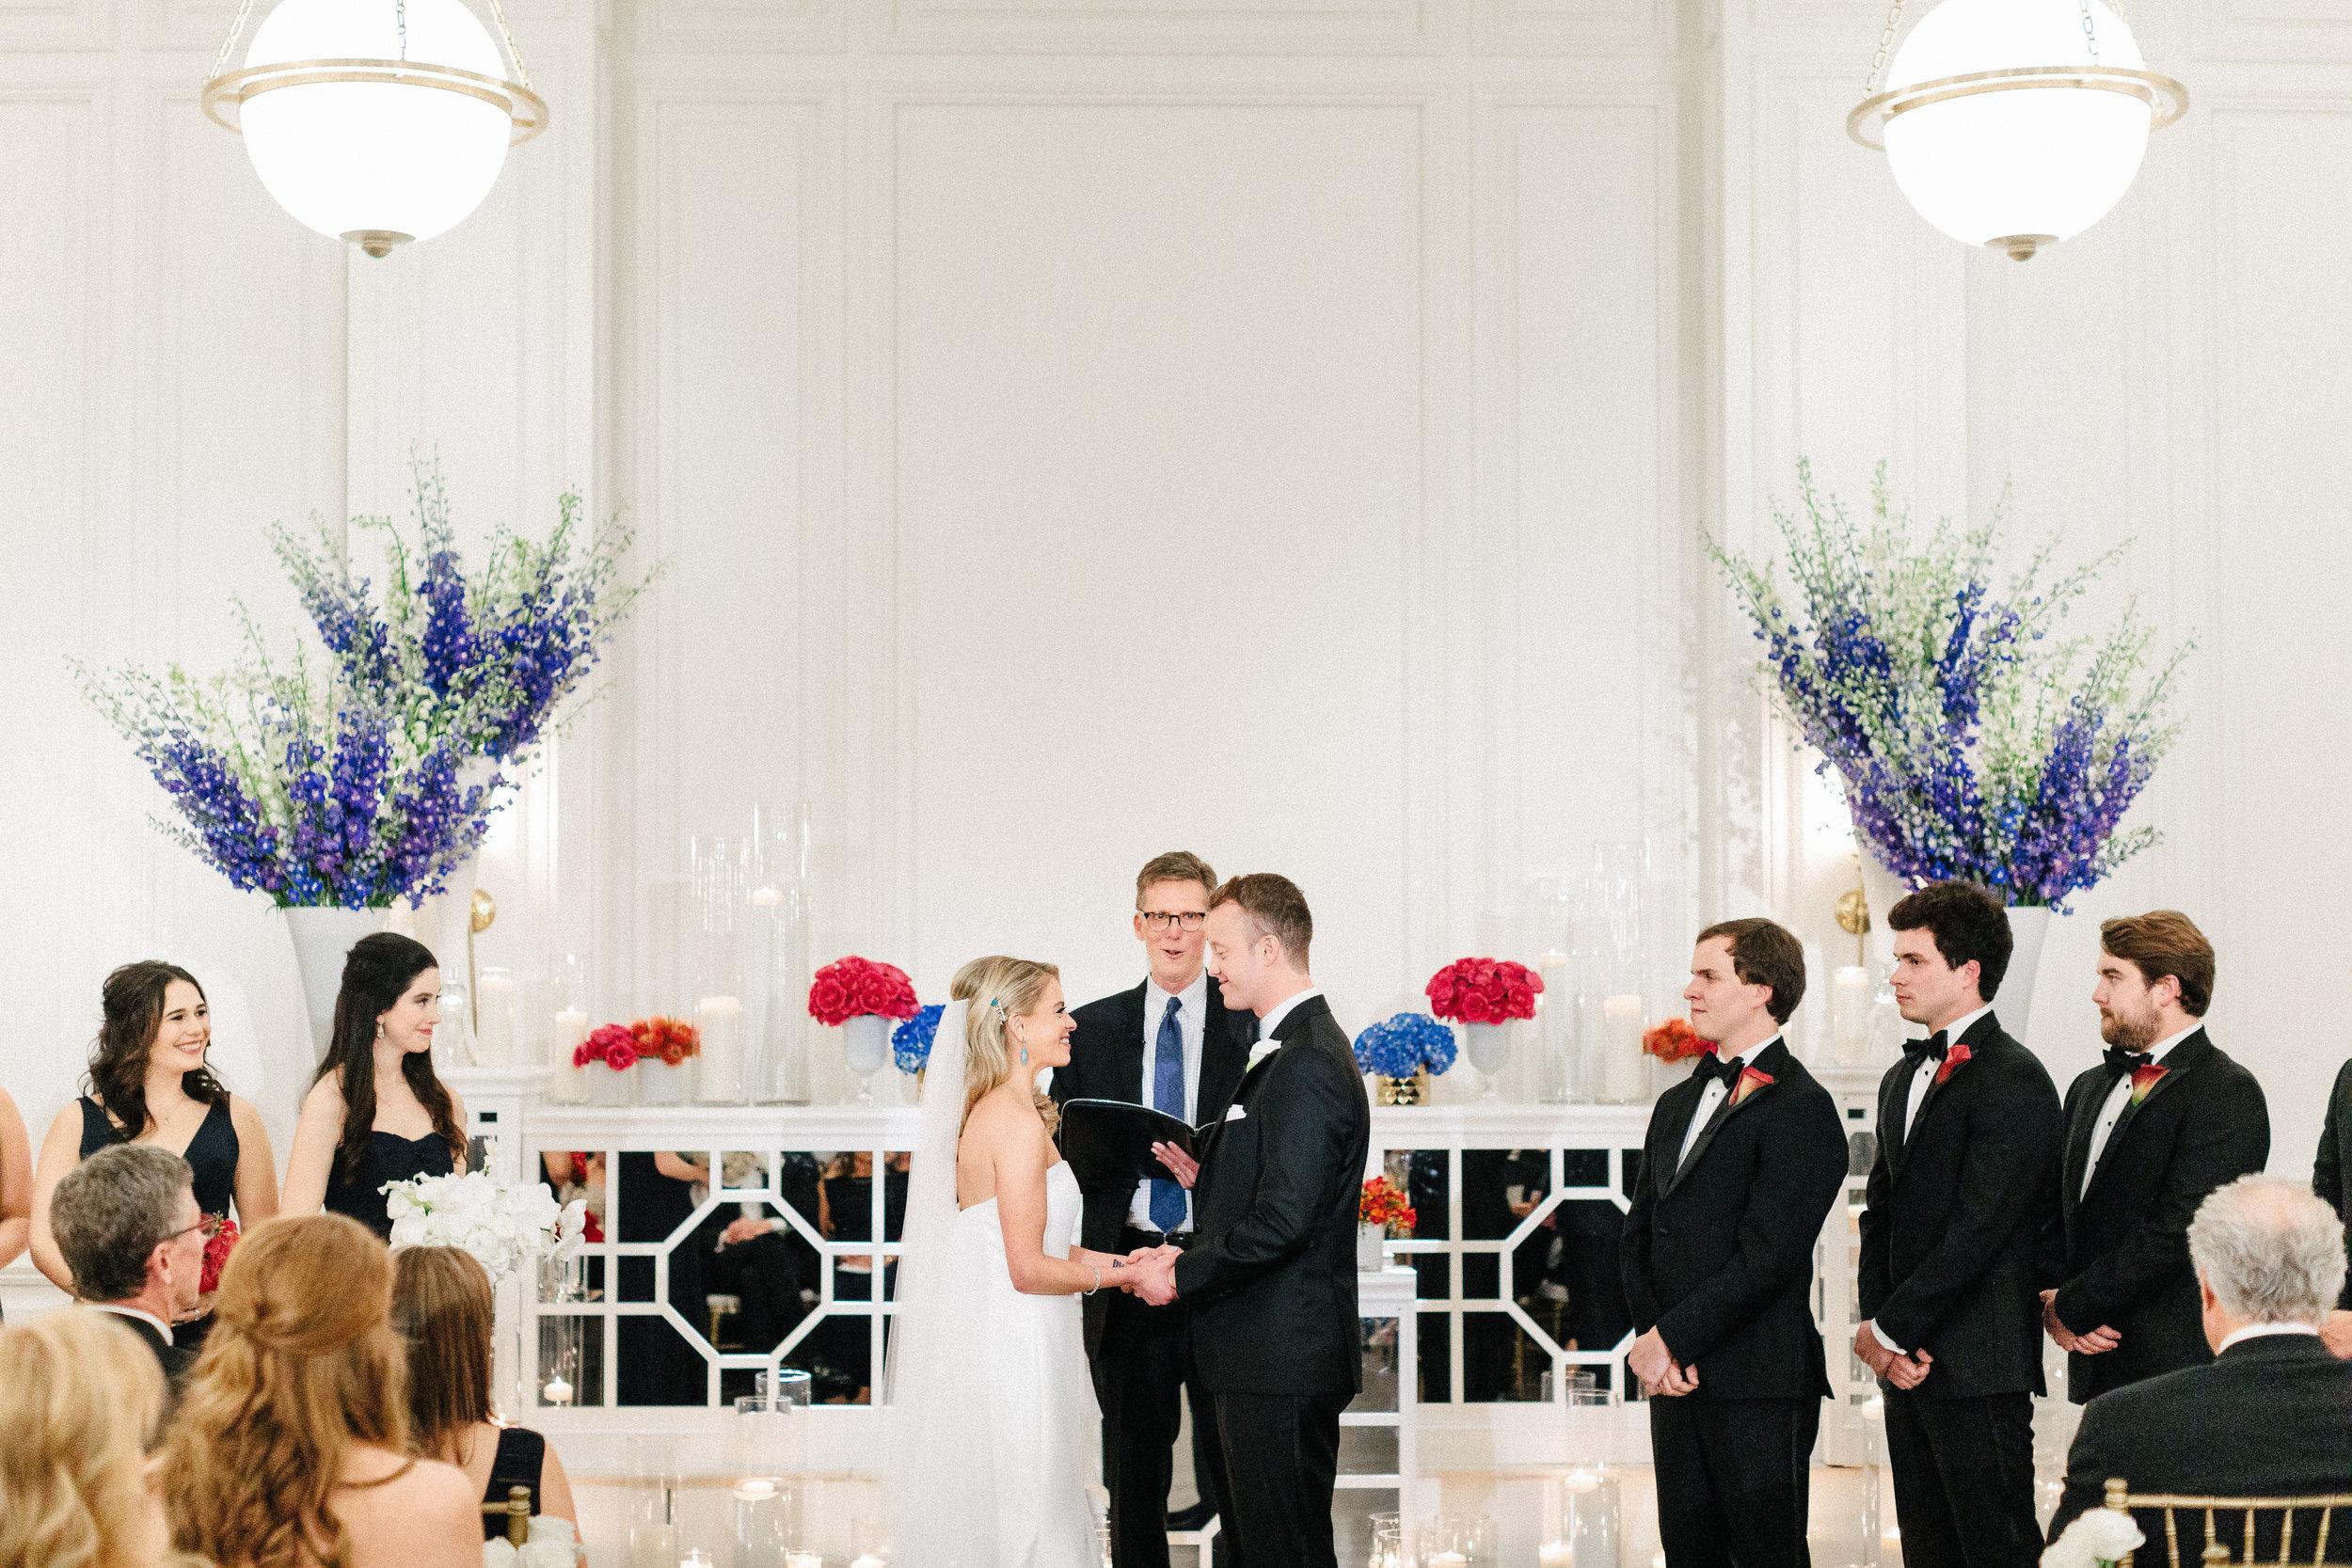 Ceremony - Adolphus Wedding - Dallas Wedding Planner - Allday Events - 74.jpg